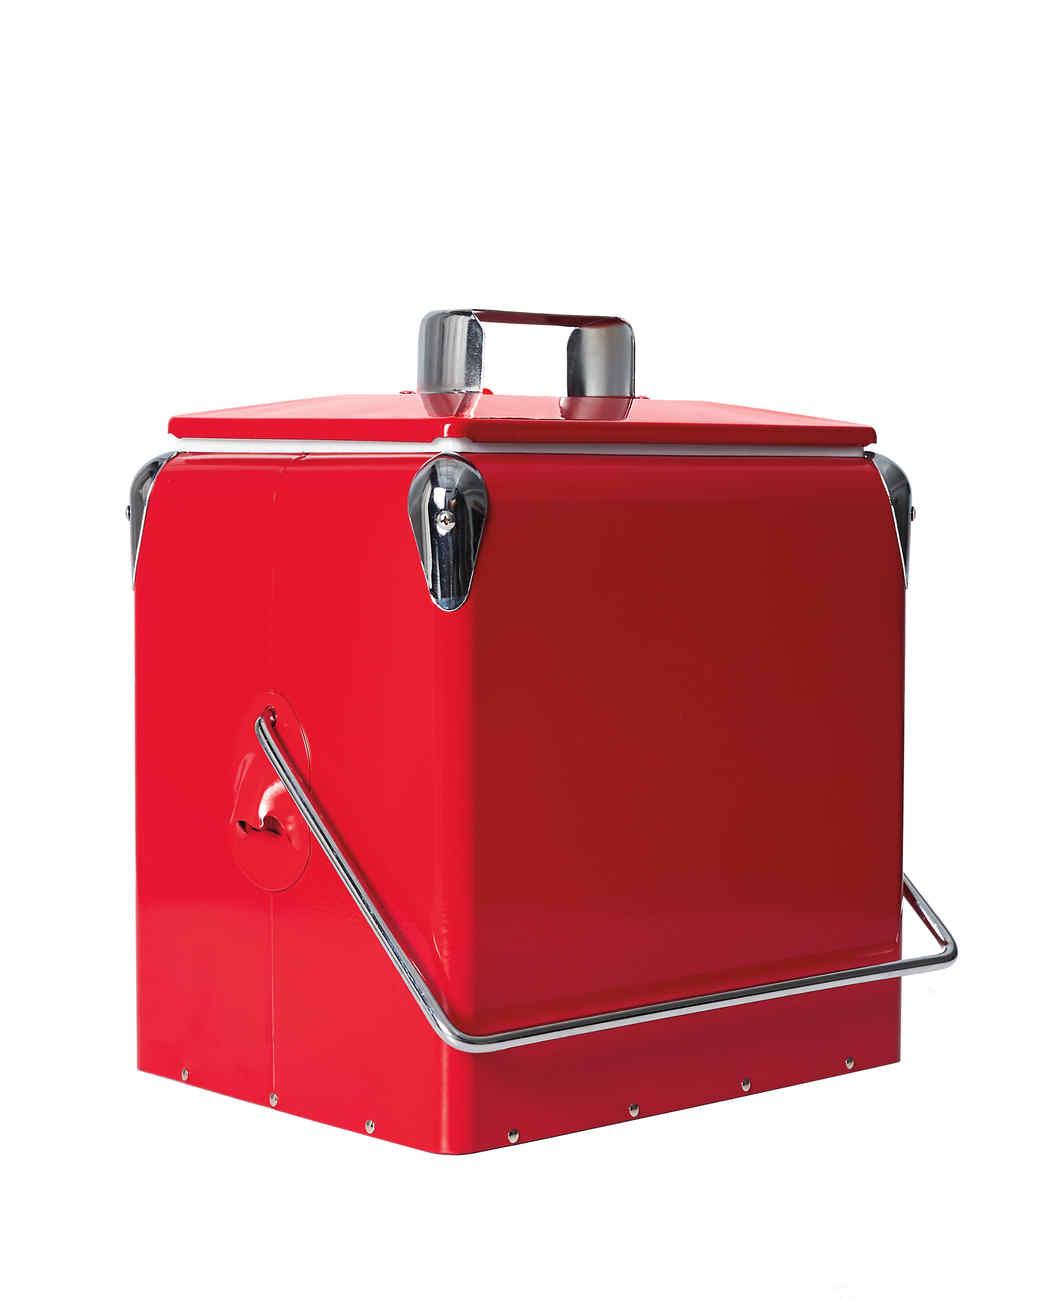 red-cooler-044-d111082.jpg